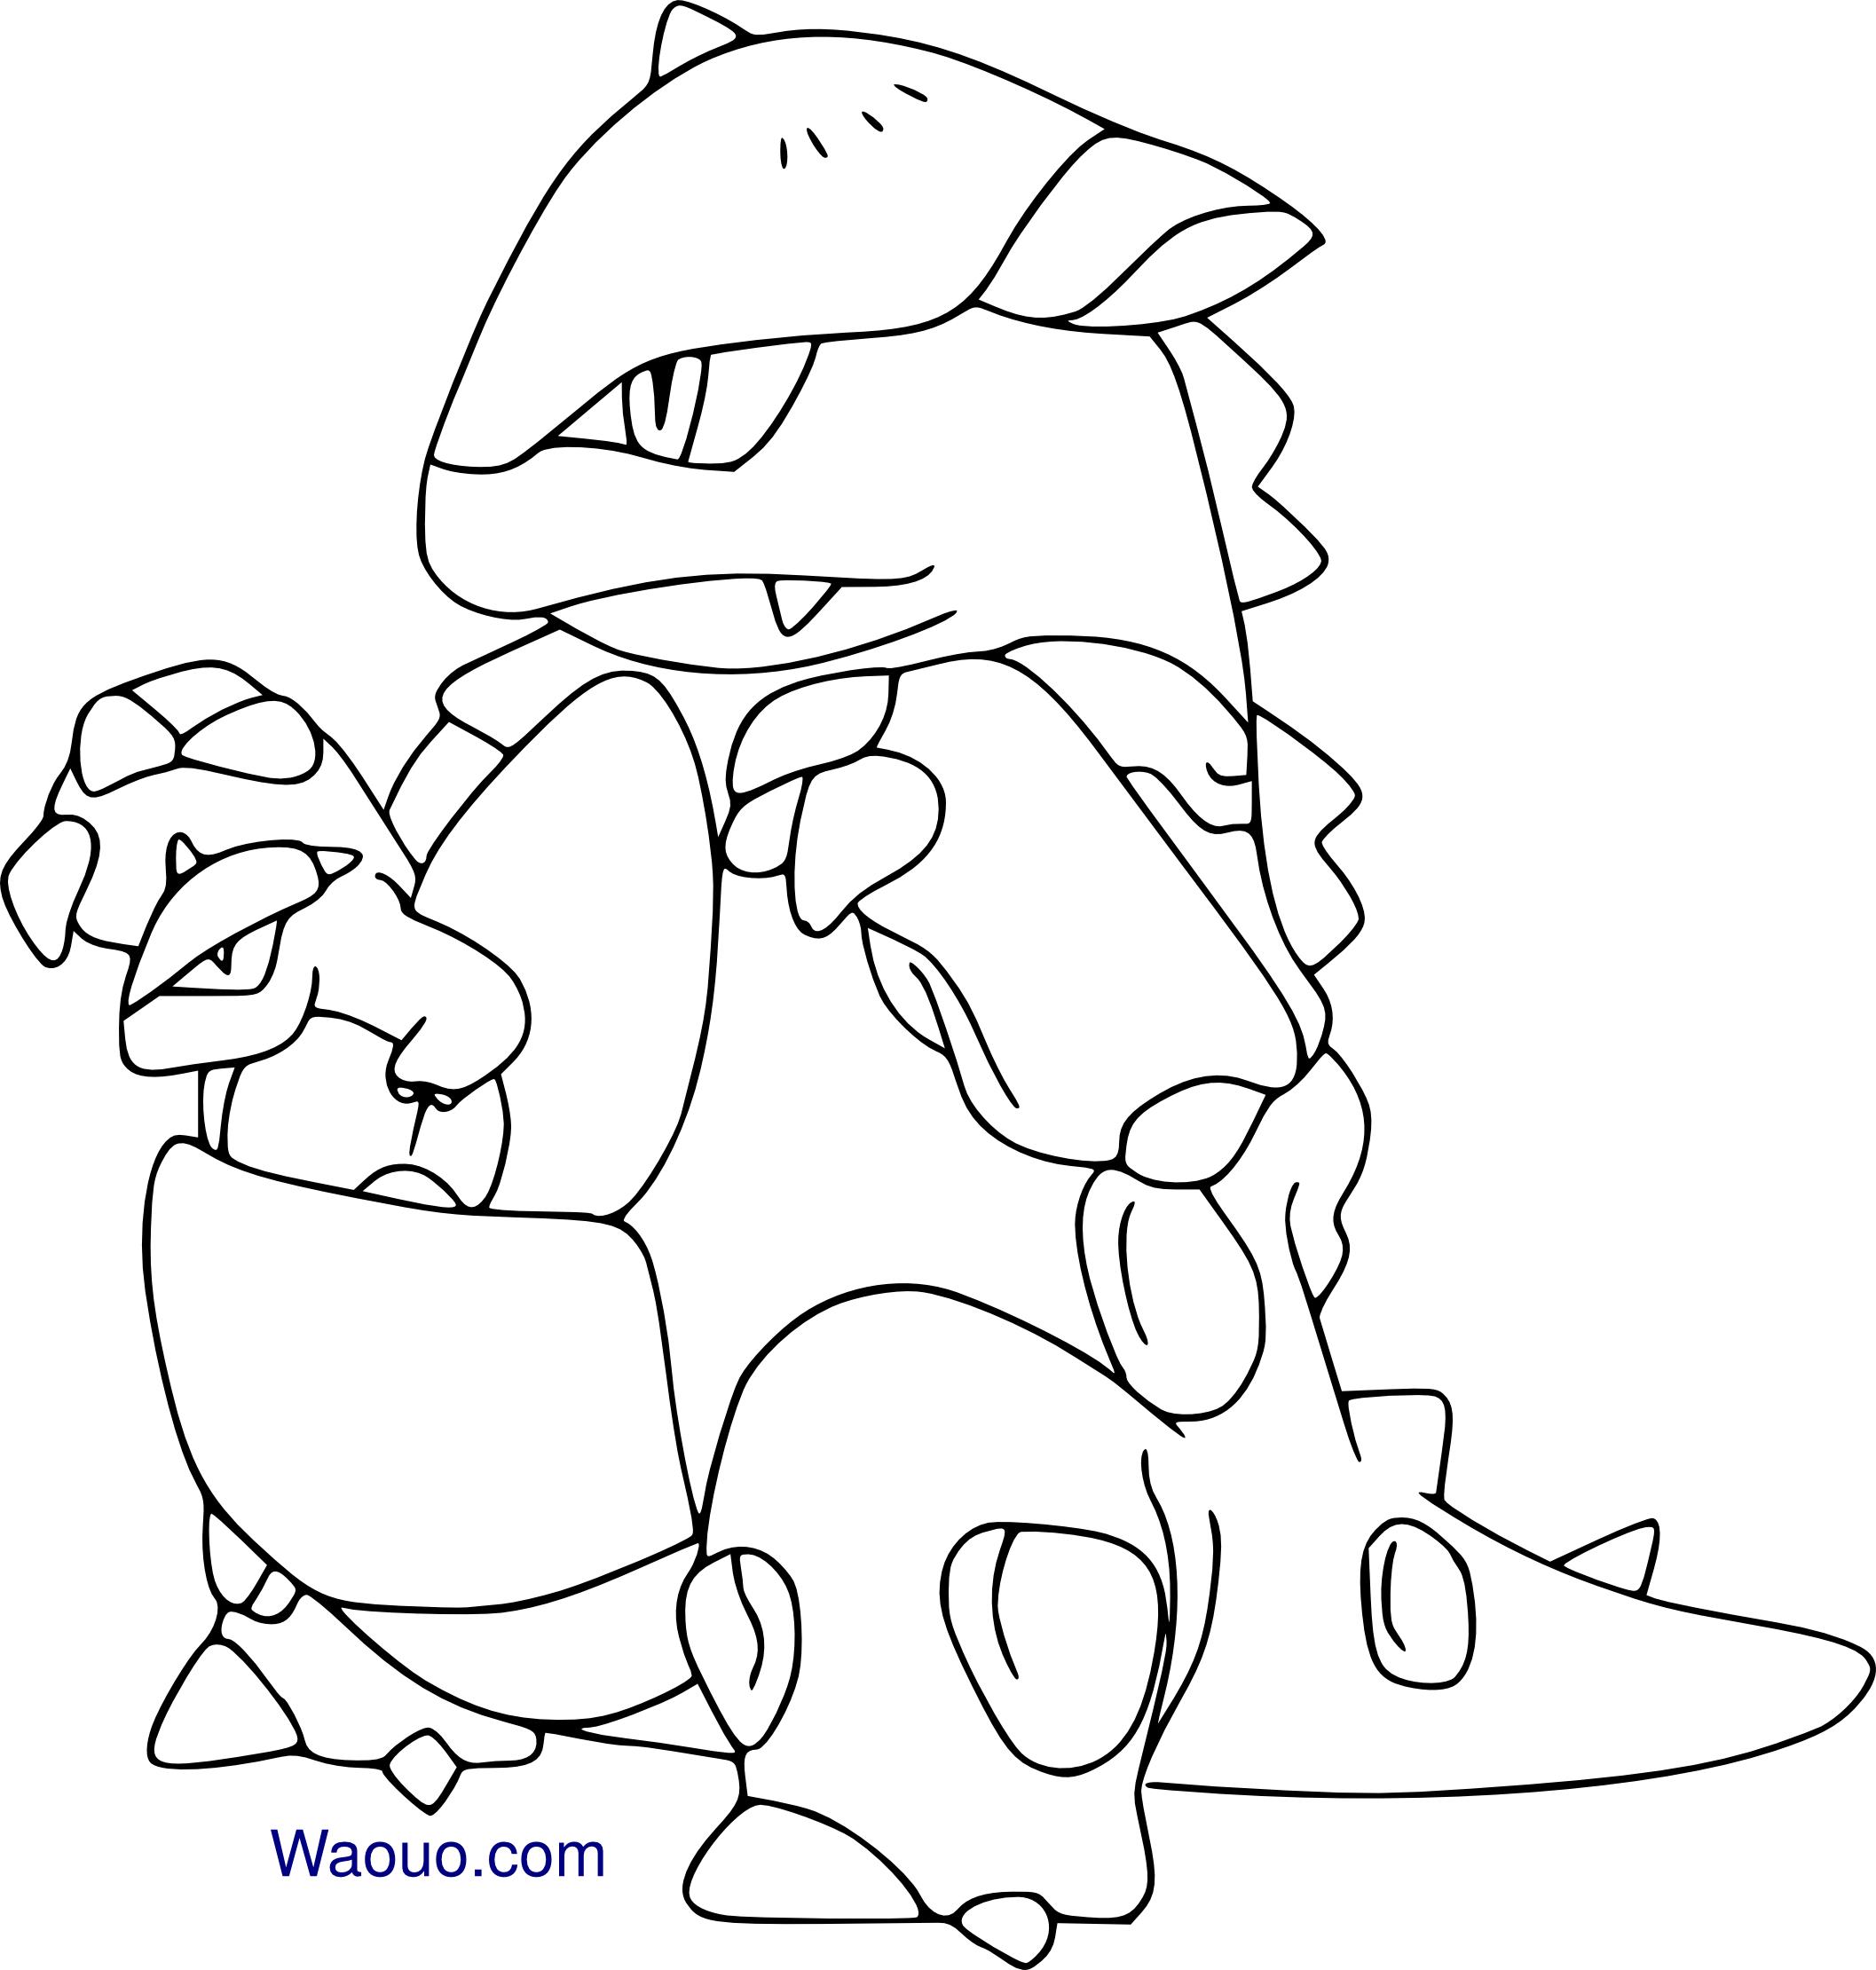 Coloriage m ga kangourex pokemon imprimer et colorier - Coloriages pokemon ...